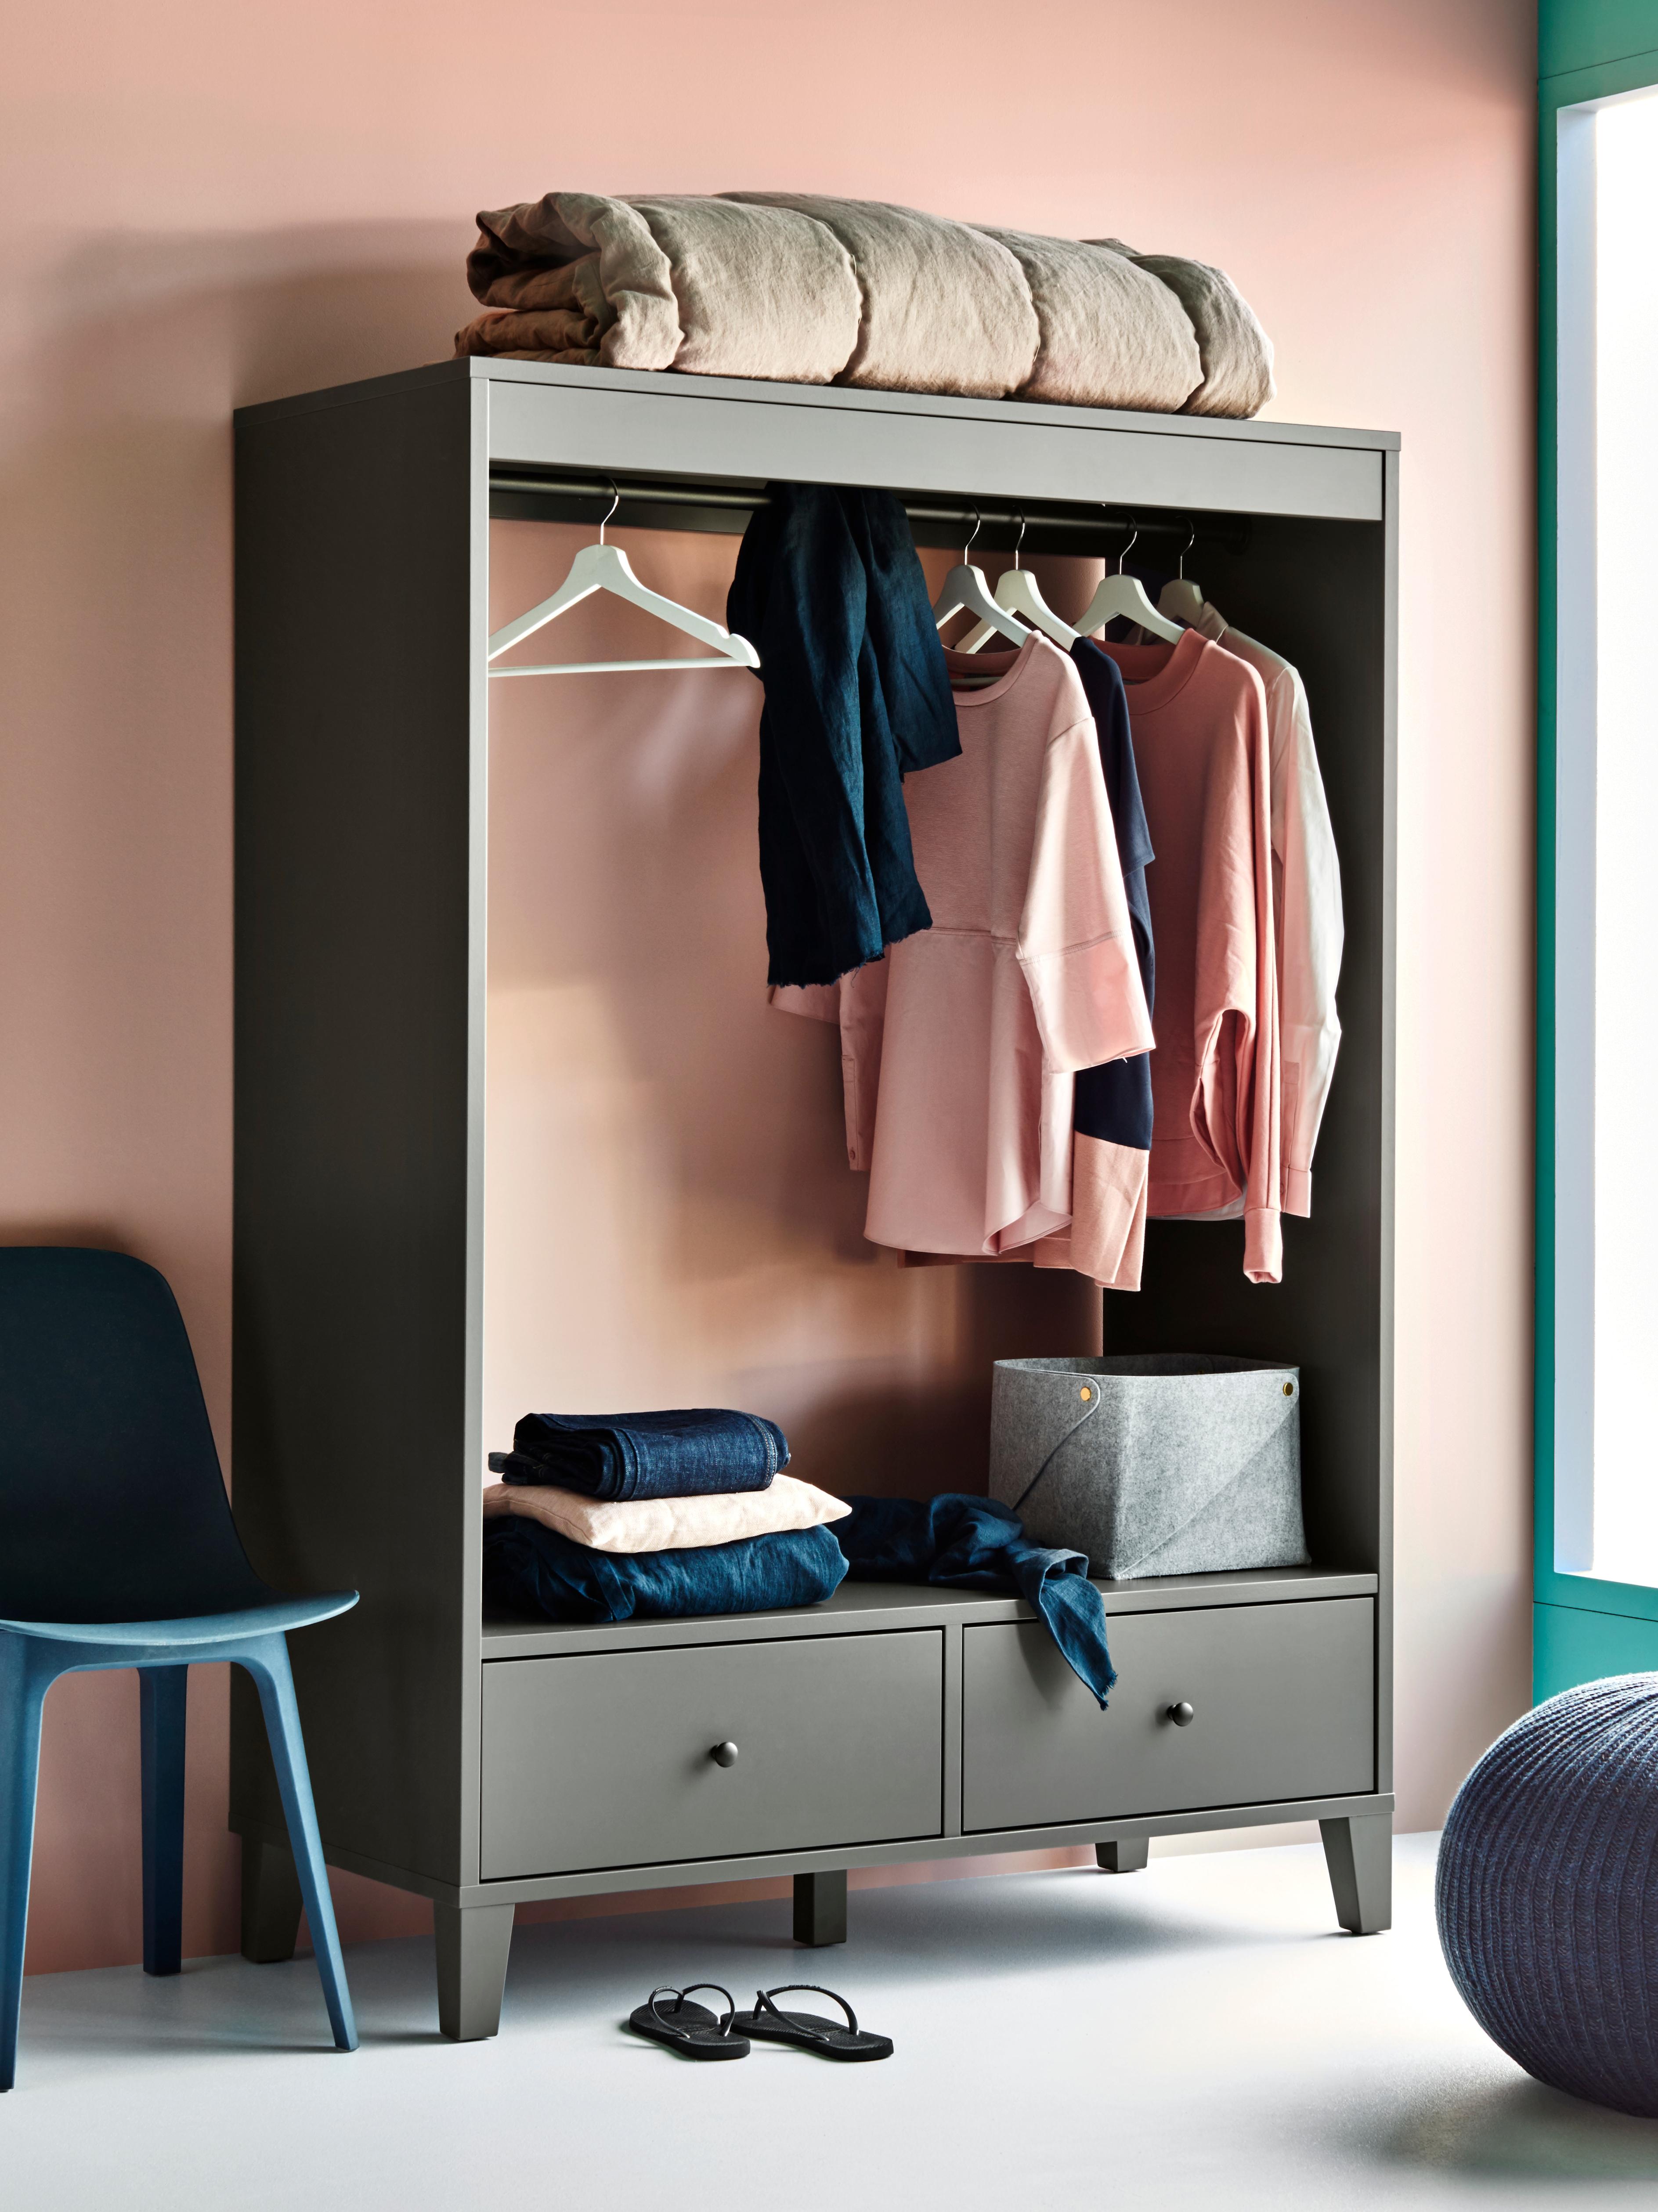 Une armoire ouverte BRYGGJA grise à côté d'une chaise bleue, contenant des vêtements roses et bleus et une boîte PUDDA en feutre gris.